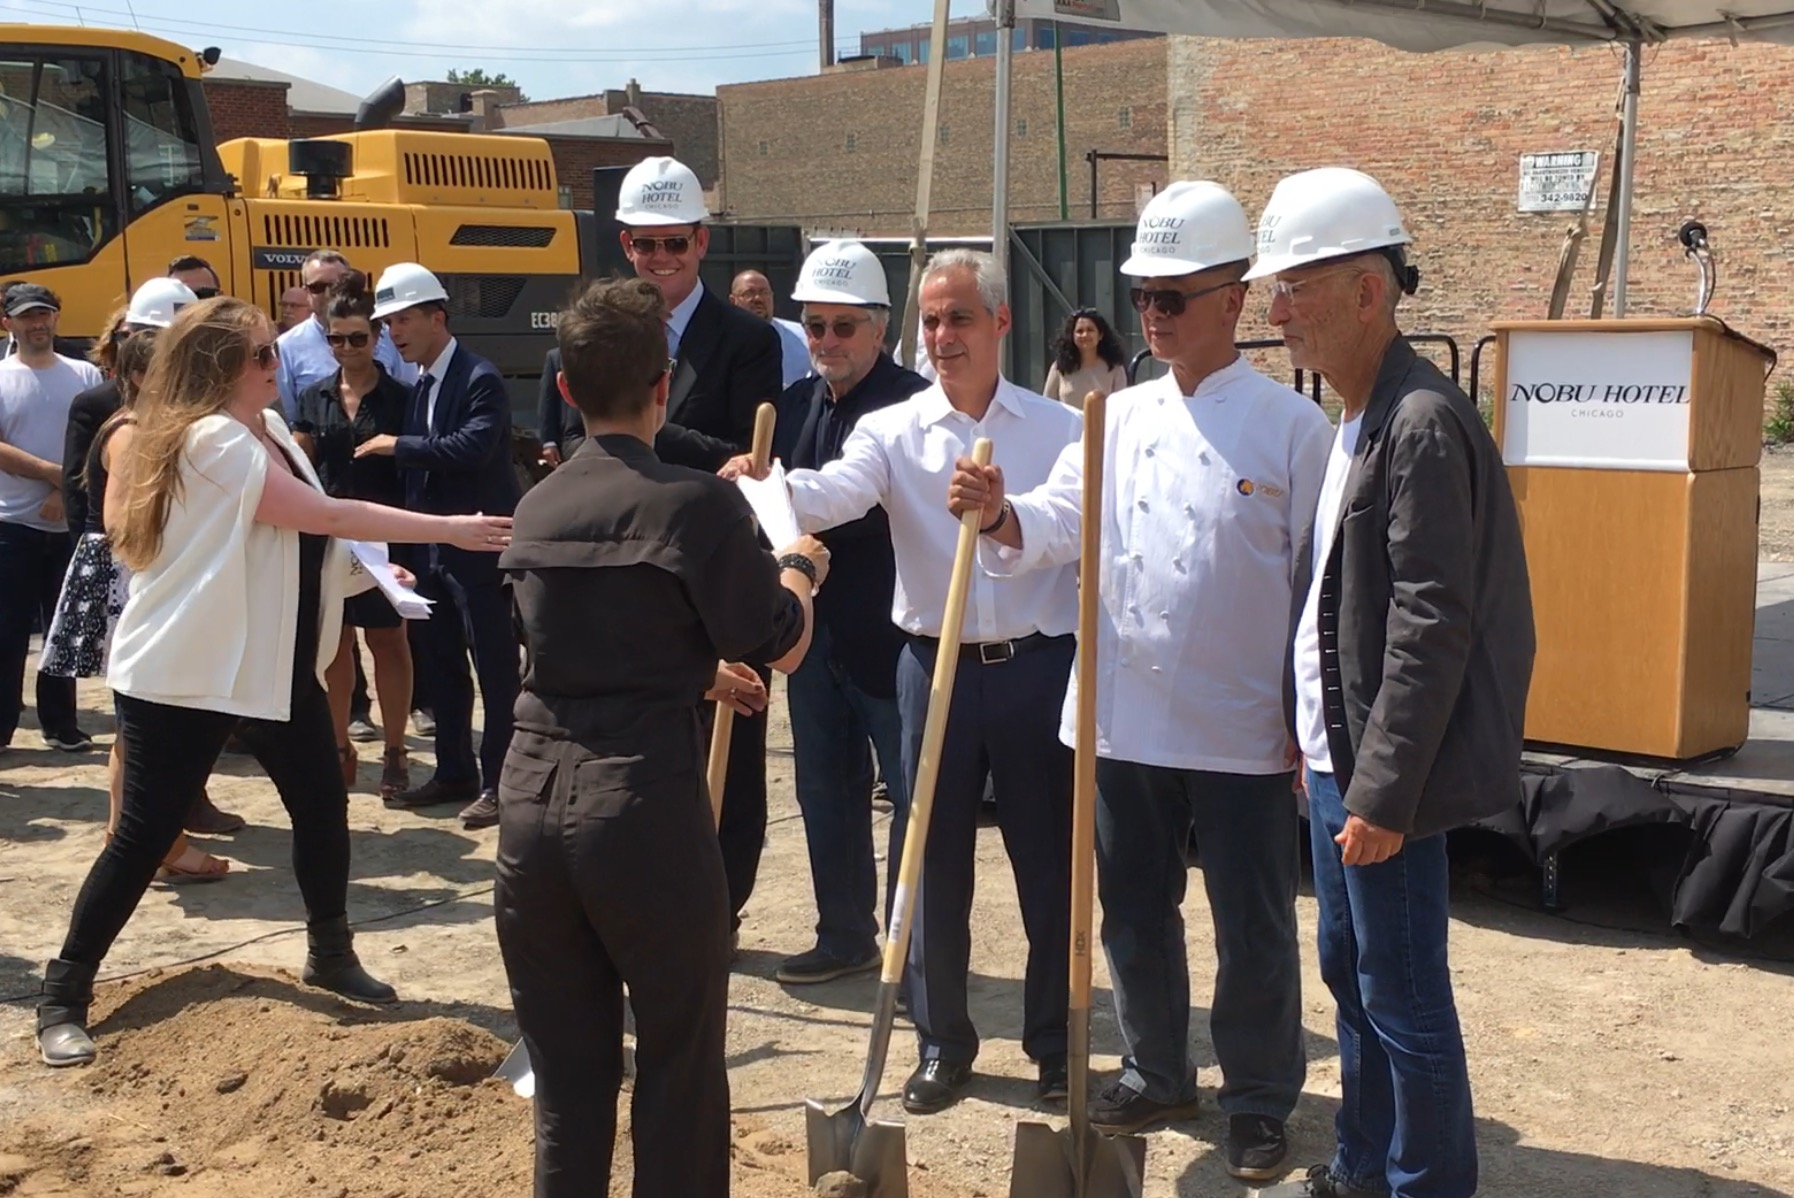 Actor Robert DeNiro, Mayor Rahm Emanuel and chef Nobu Matsuhisa at the groundbreaking.